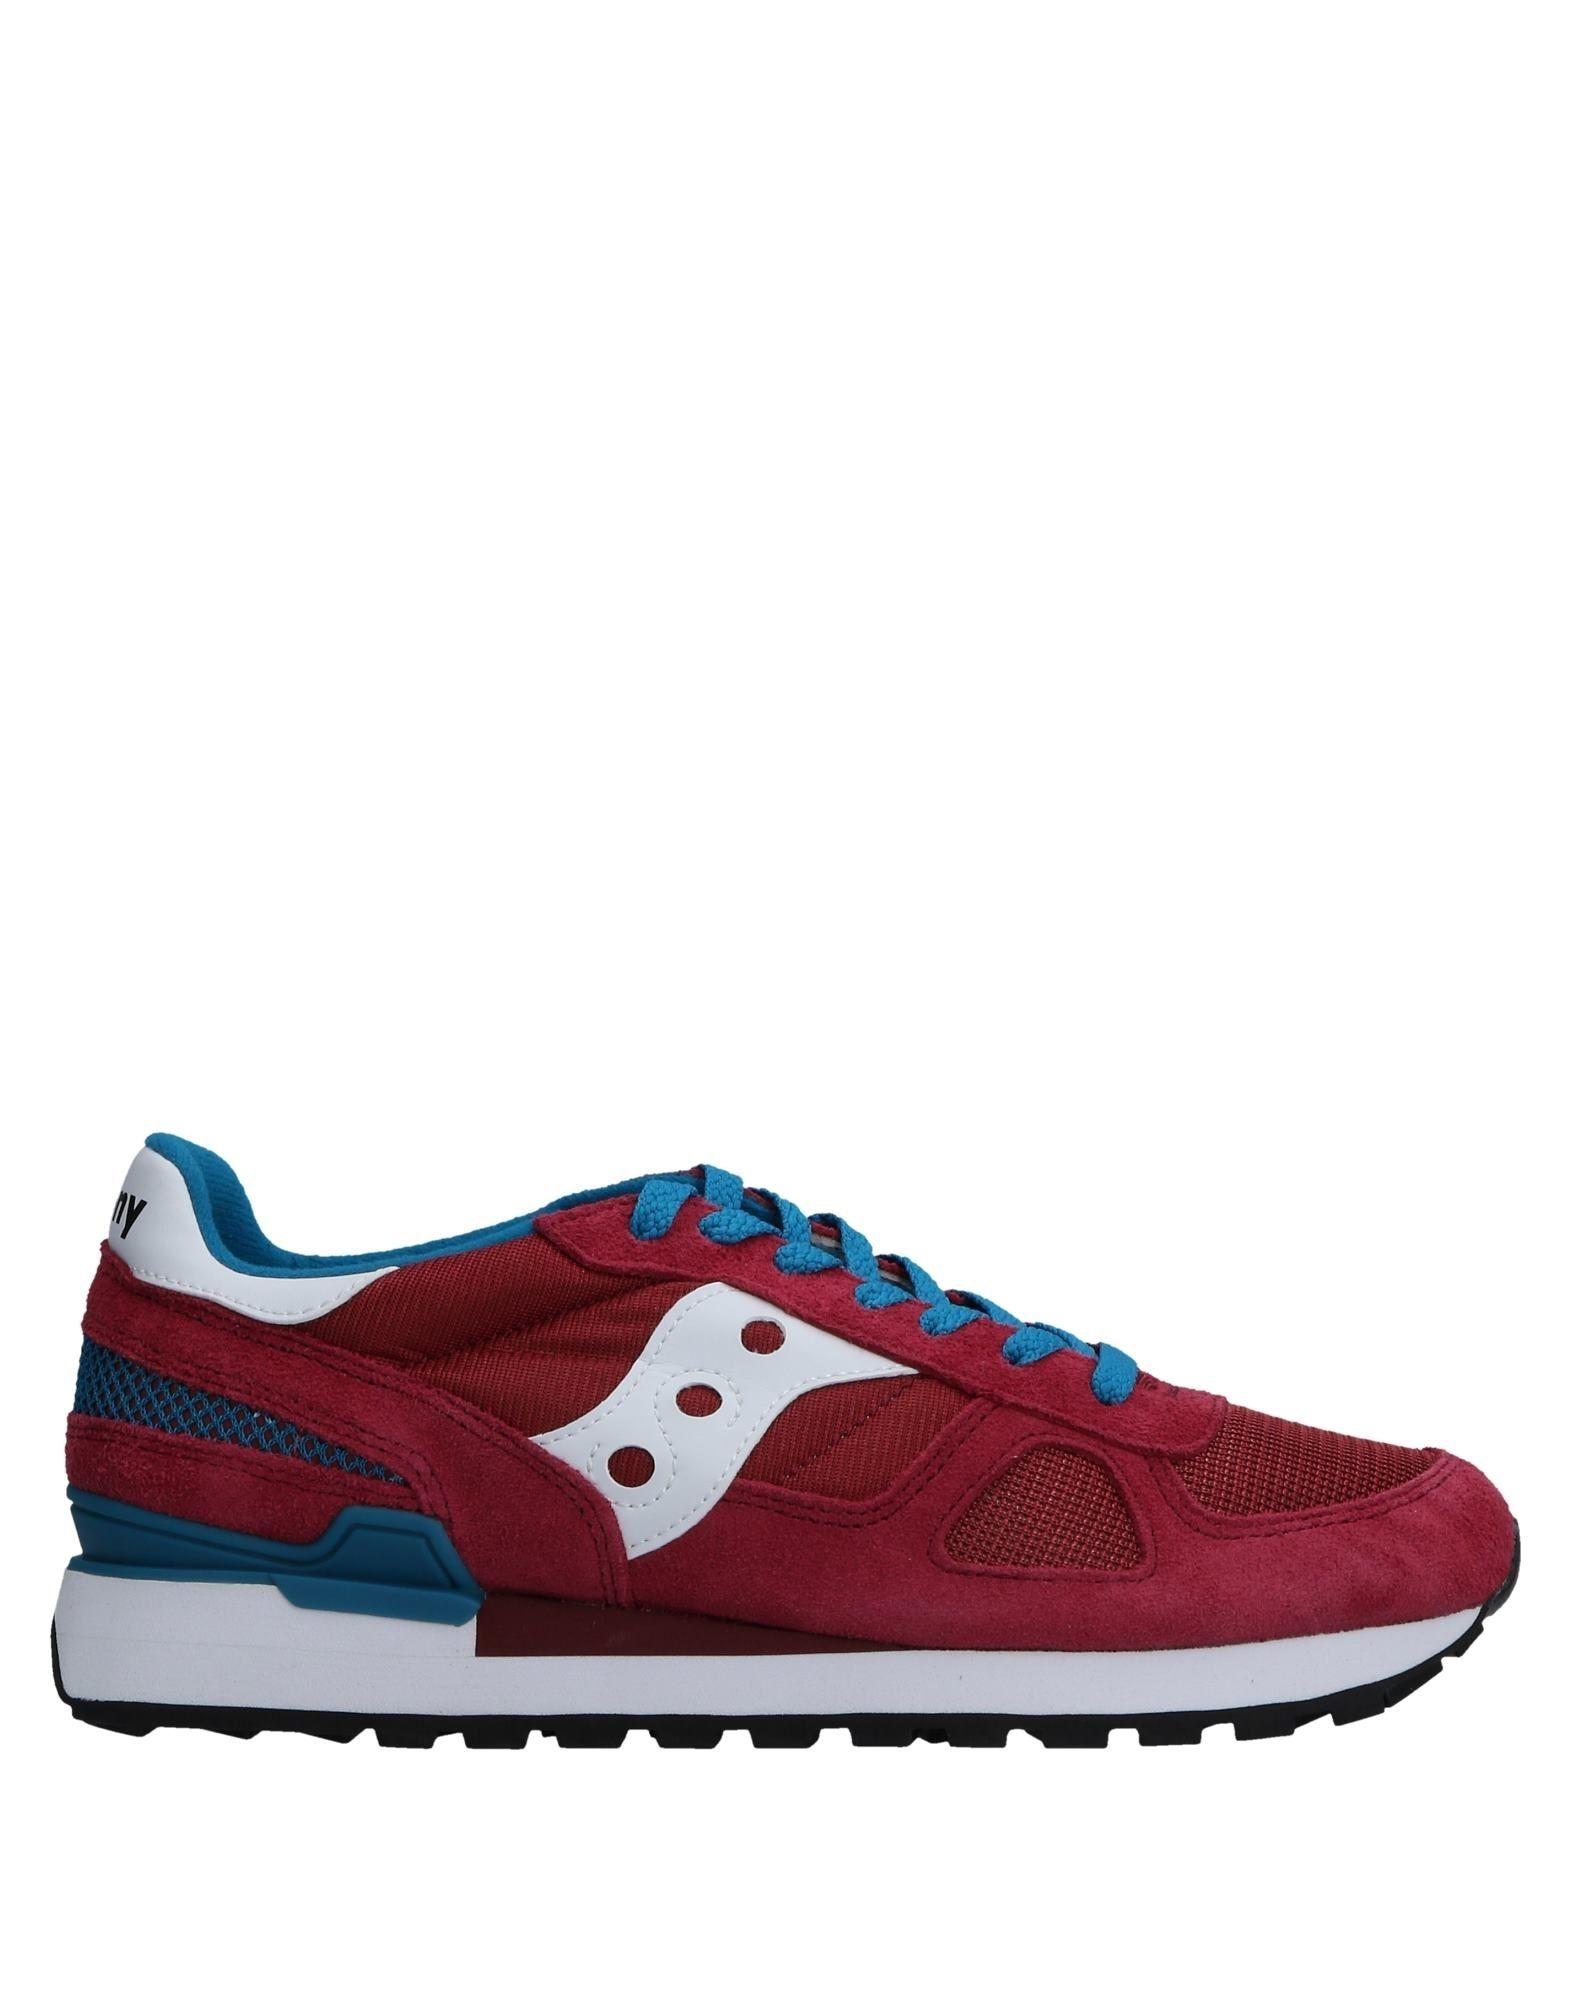 Rabatt echte Schuhe Saucony Sneakers Herren  11526211JR